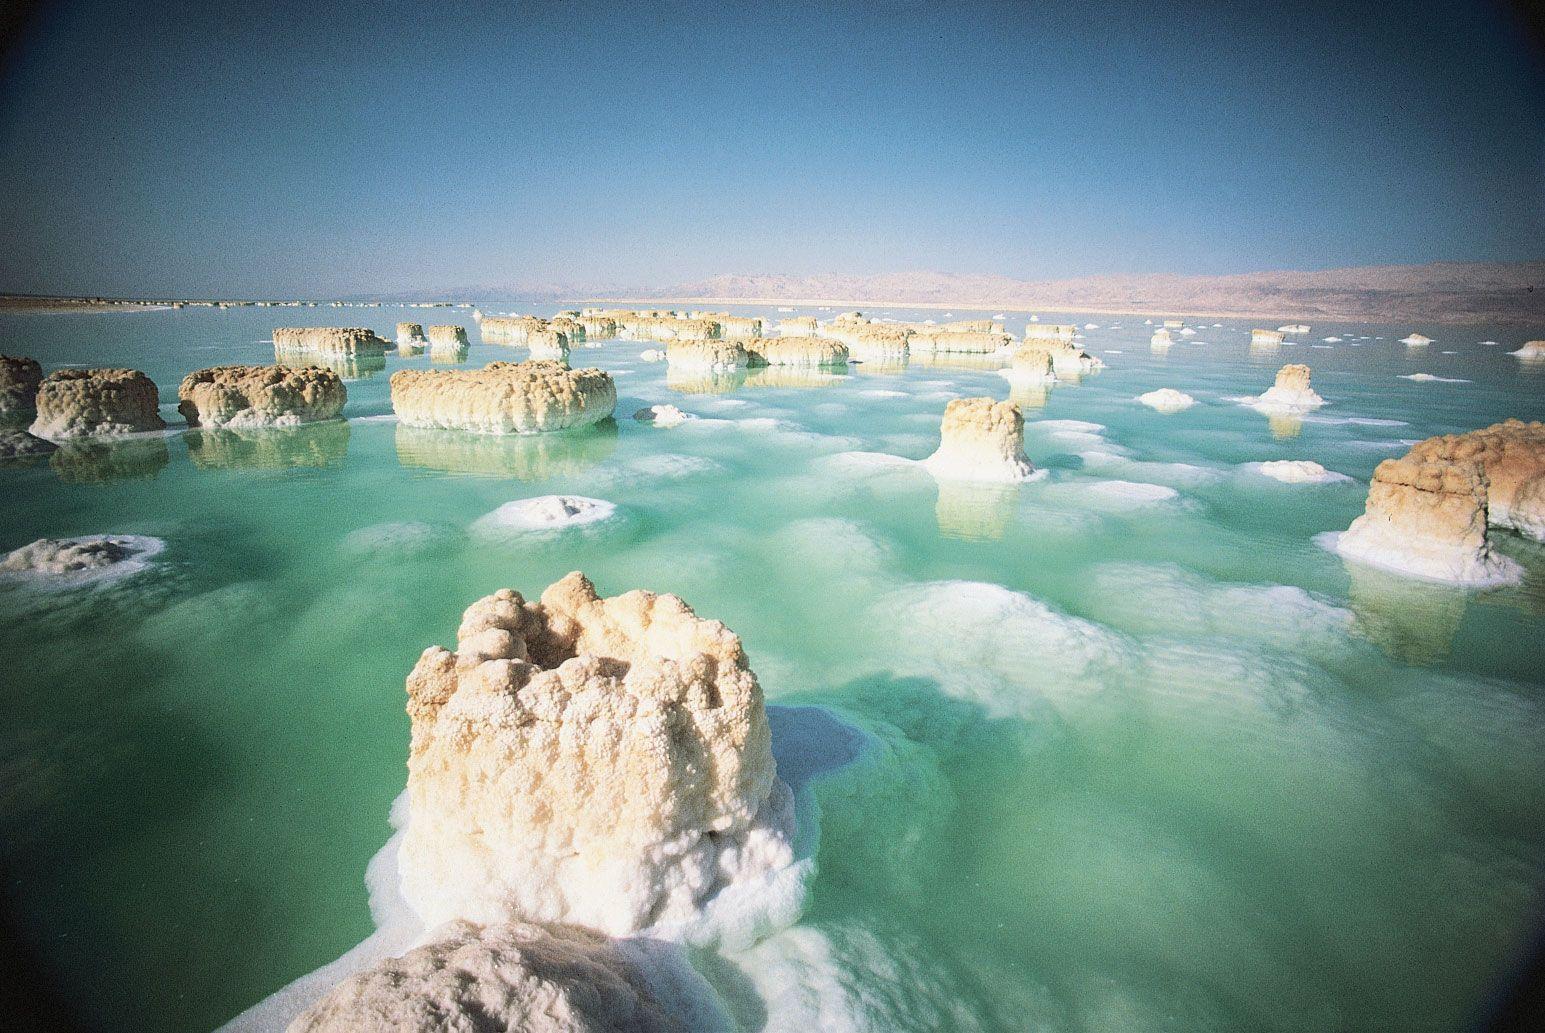 Produit de beauté et cosmétiques de la Mer Morte